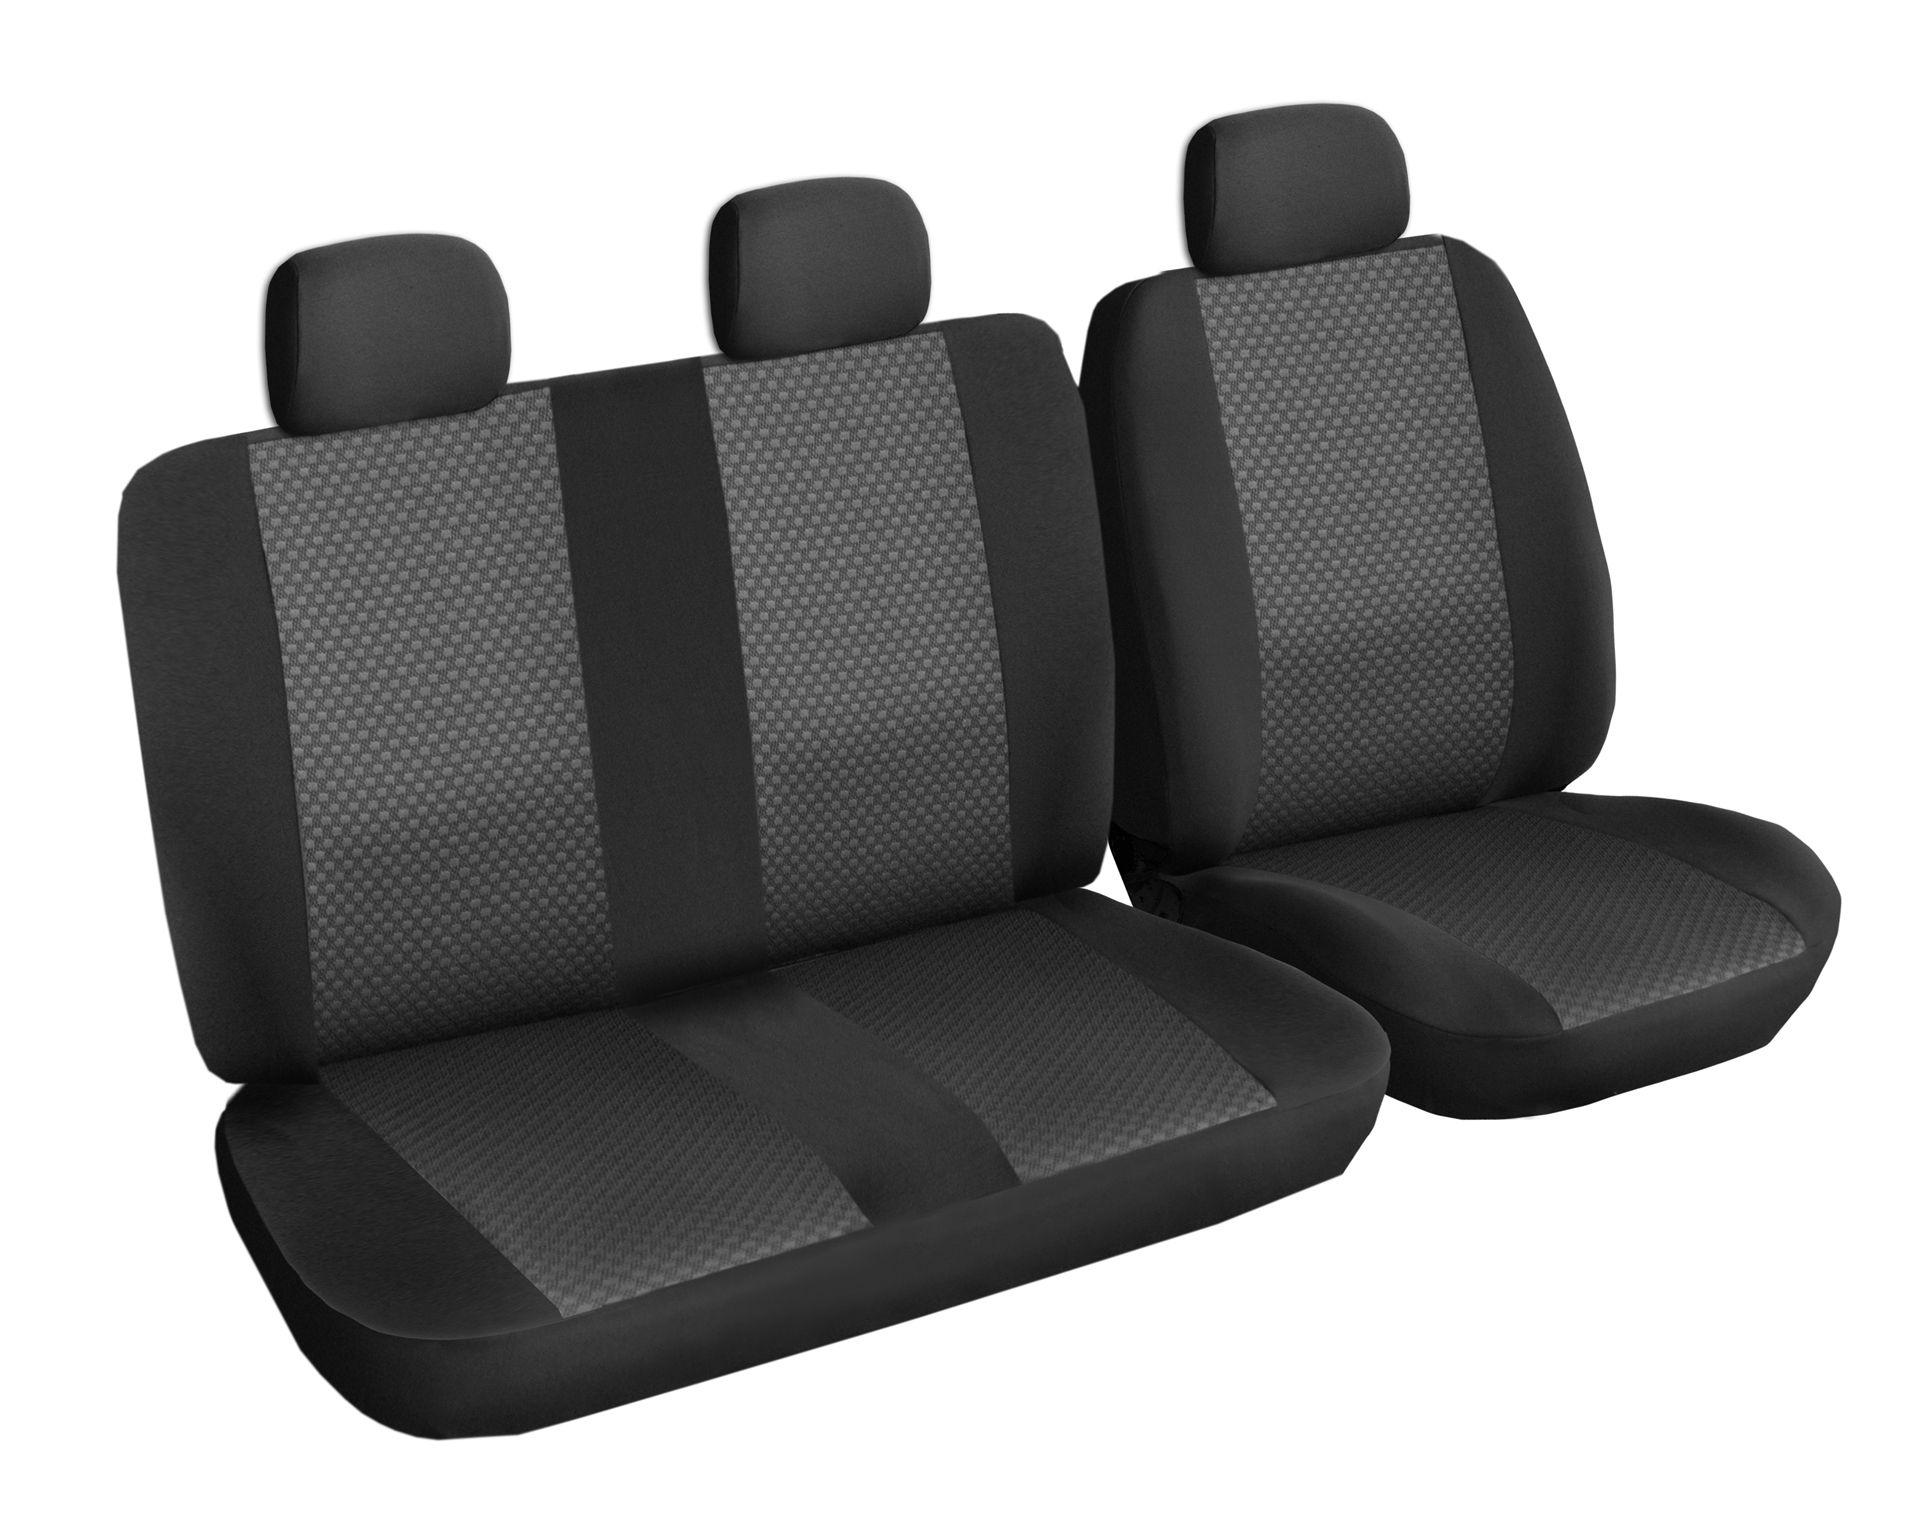 Autopotahy Volkswagen LT, 3 místa, od r. 1996-2006, černé